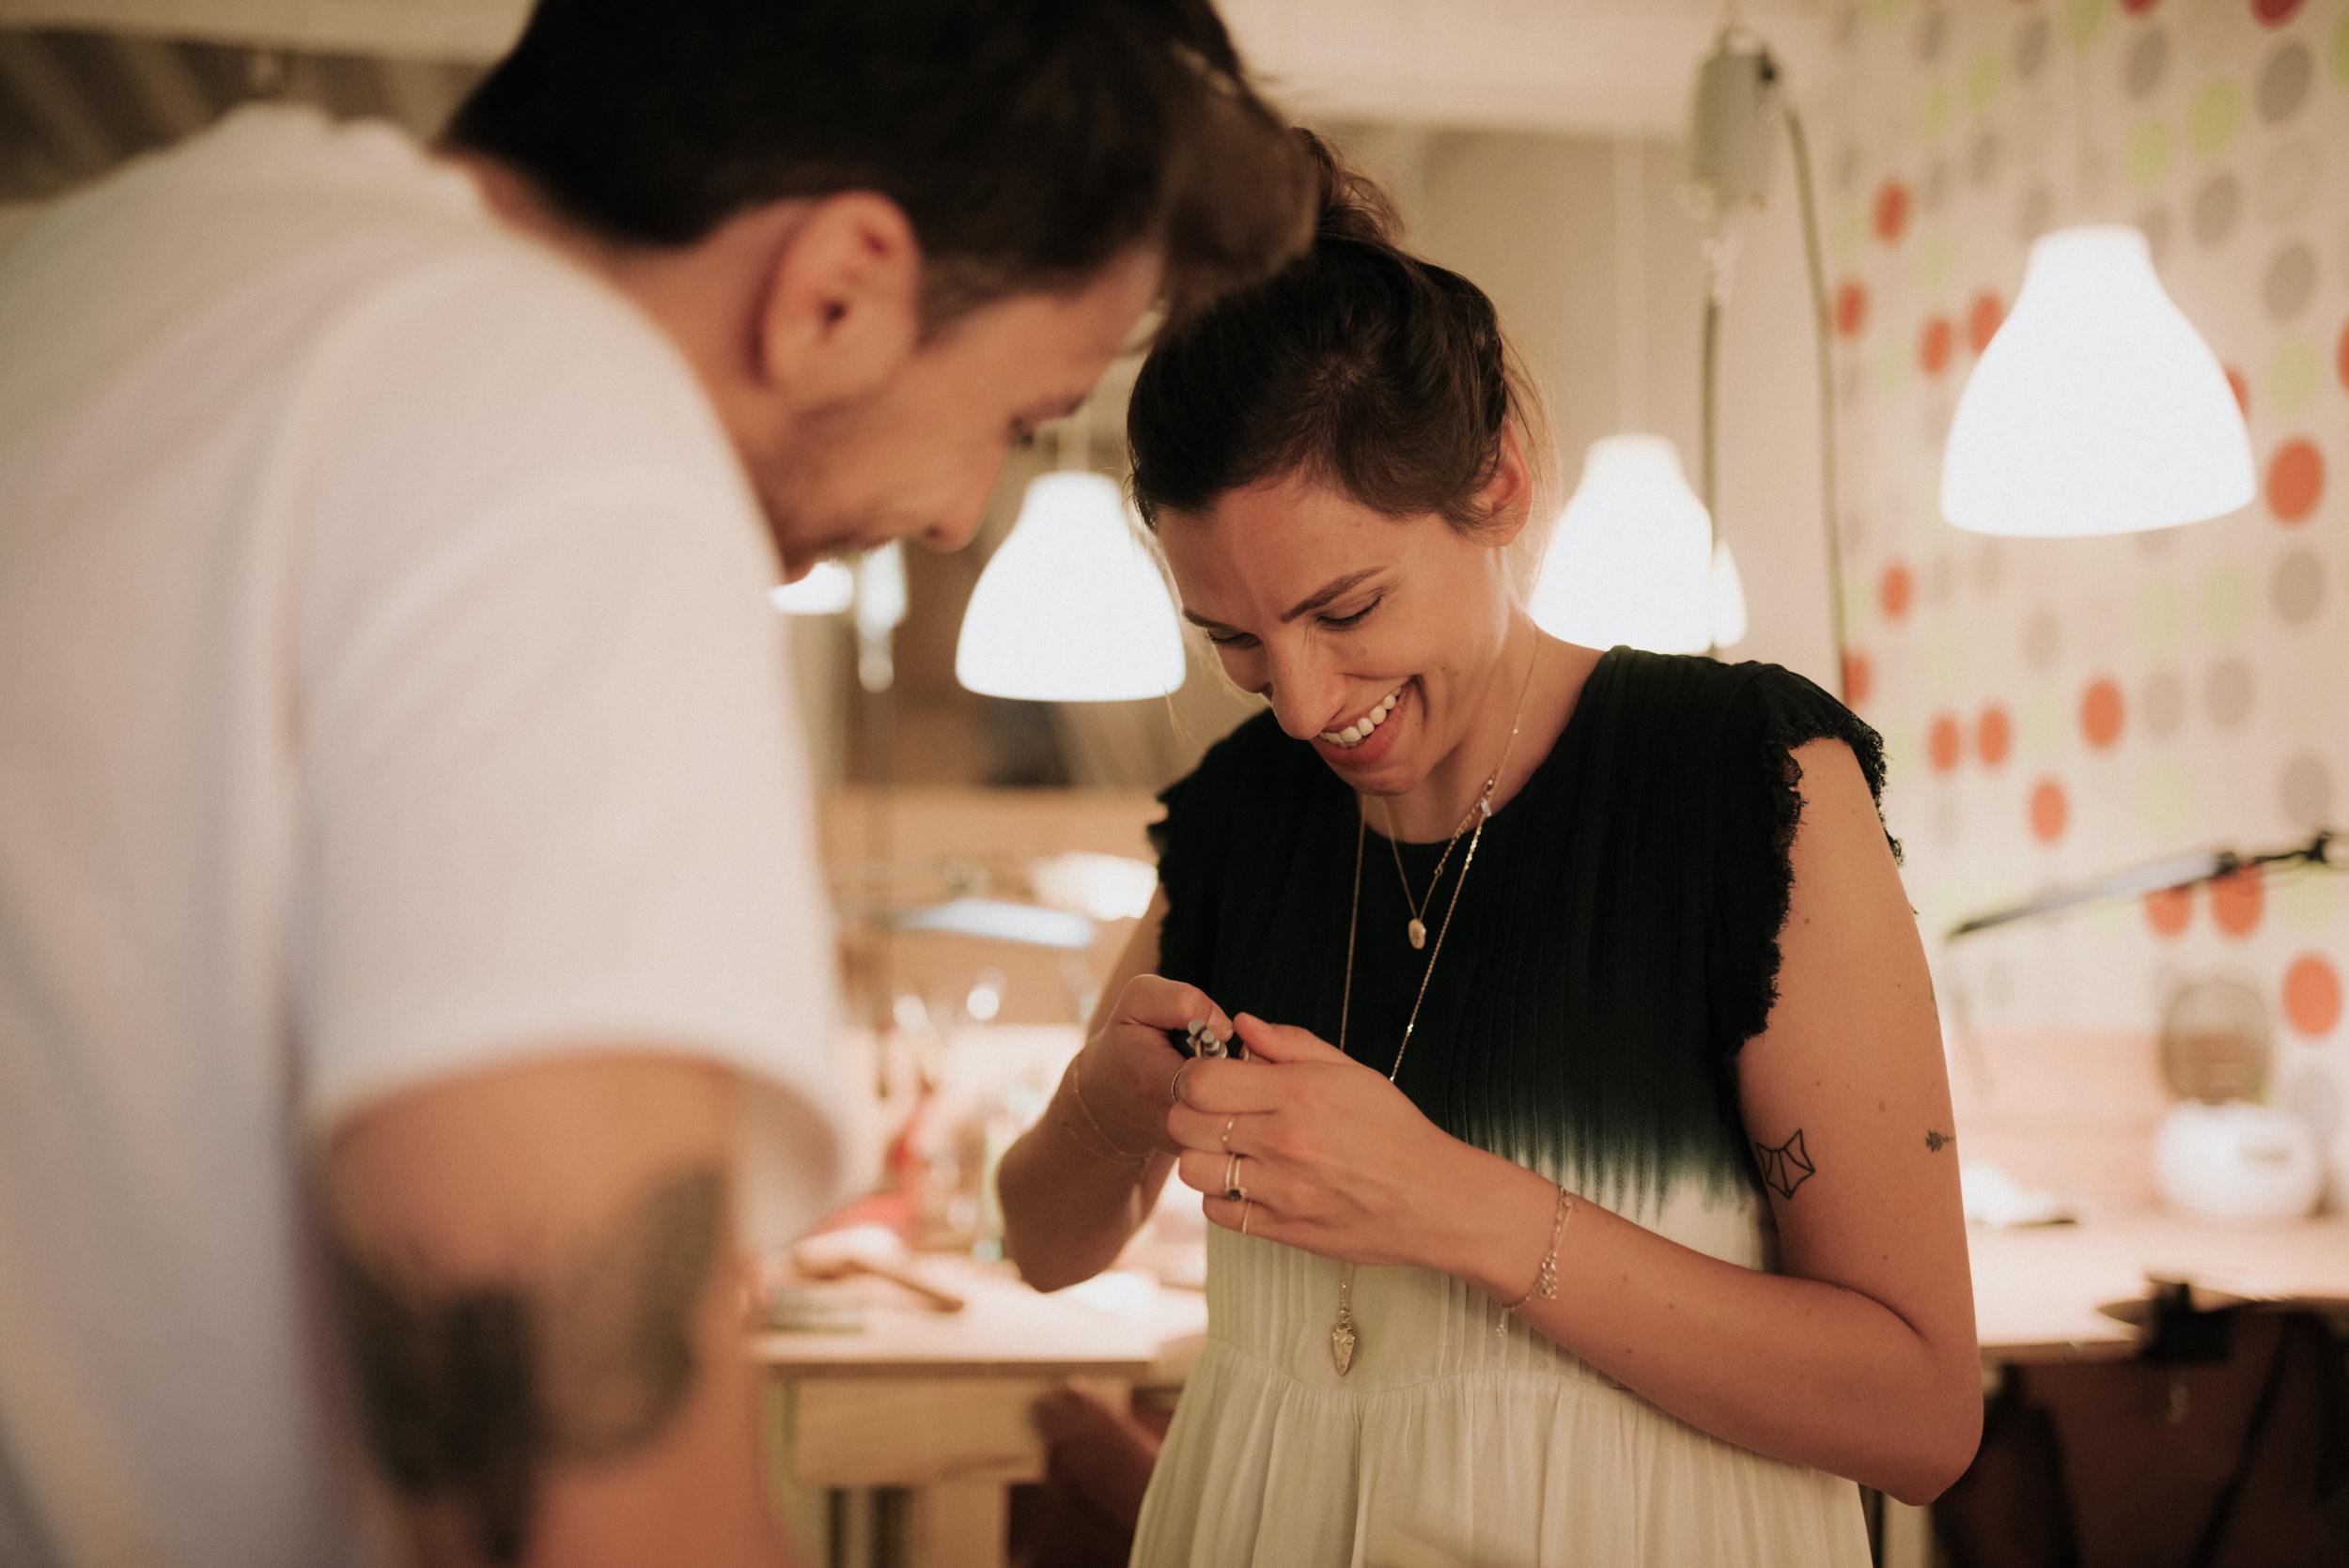 Léa-Fery-photographe-professionnel-lyon-rhone-alpes-portrait-creation-mariage-evenement-evenementiel-famille-8981.jpg